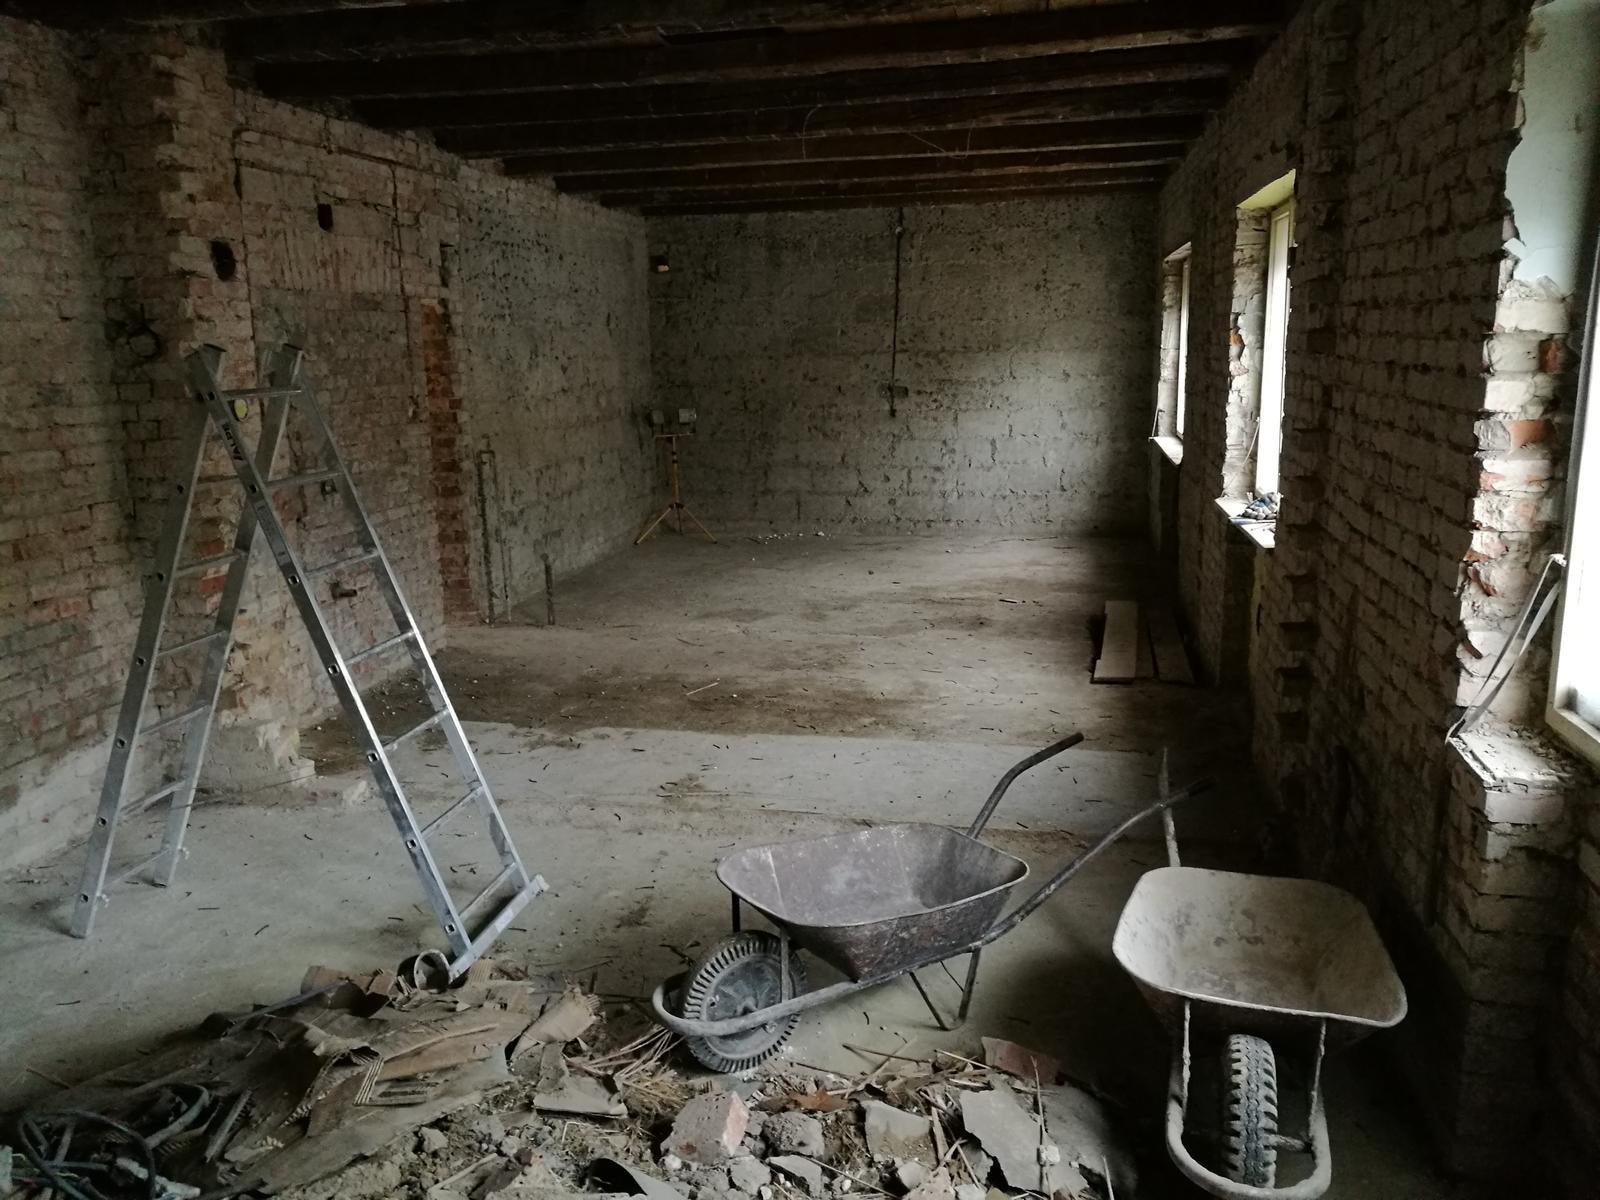 Náš budúci domov - rekonštrukcia rodinného domu - Obrázok č. 55